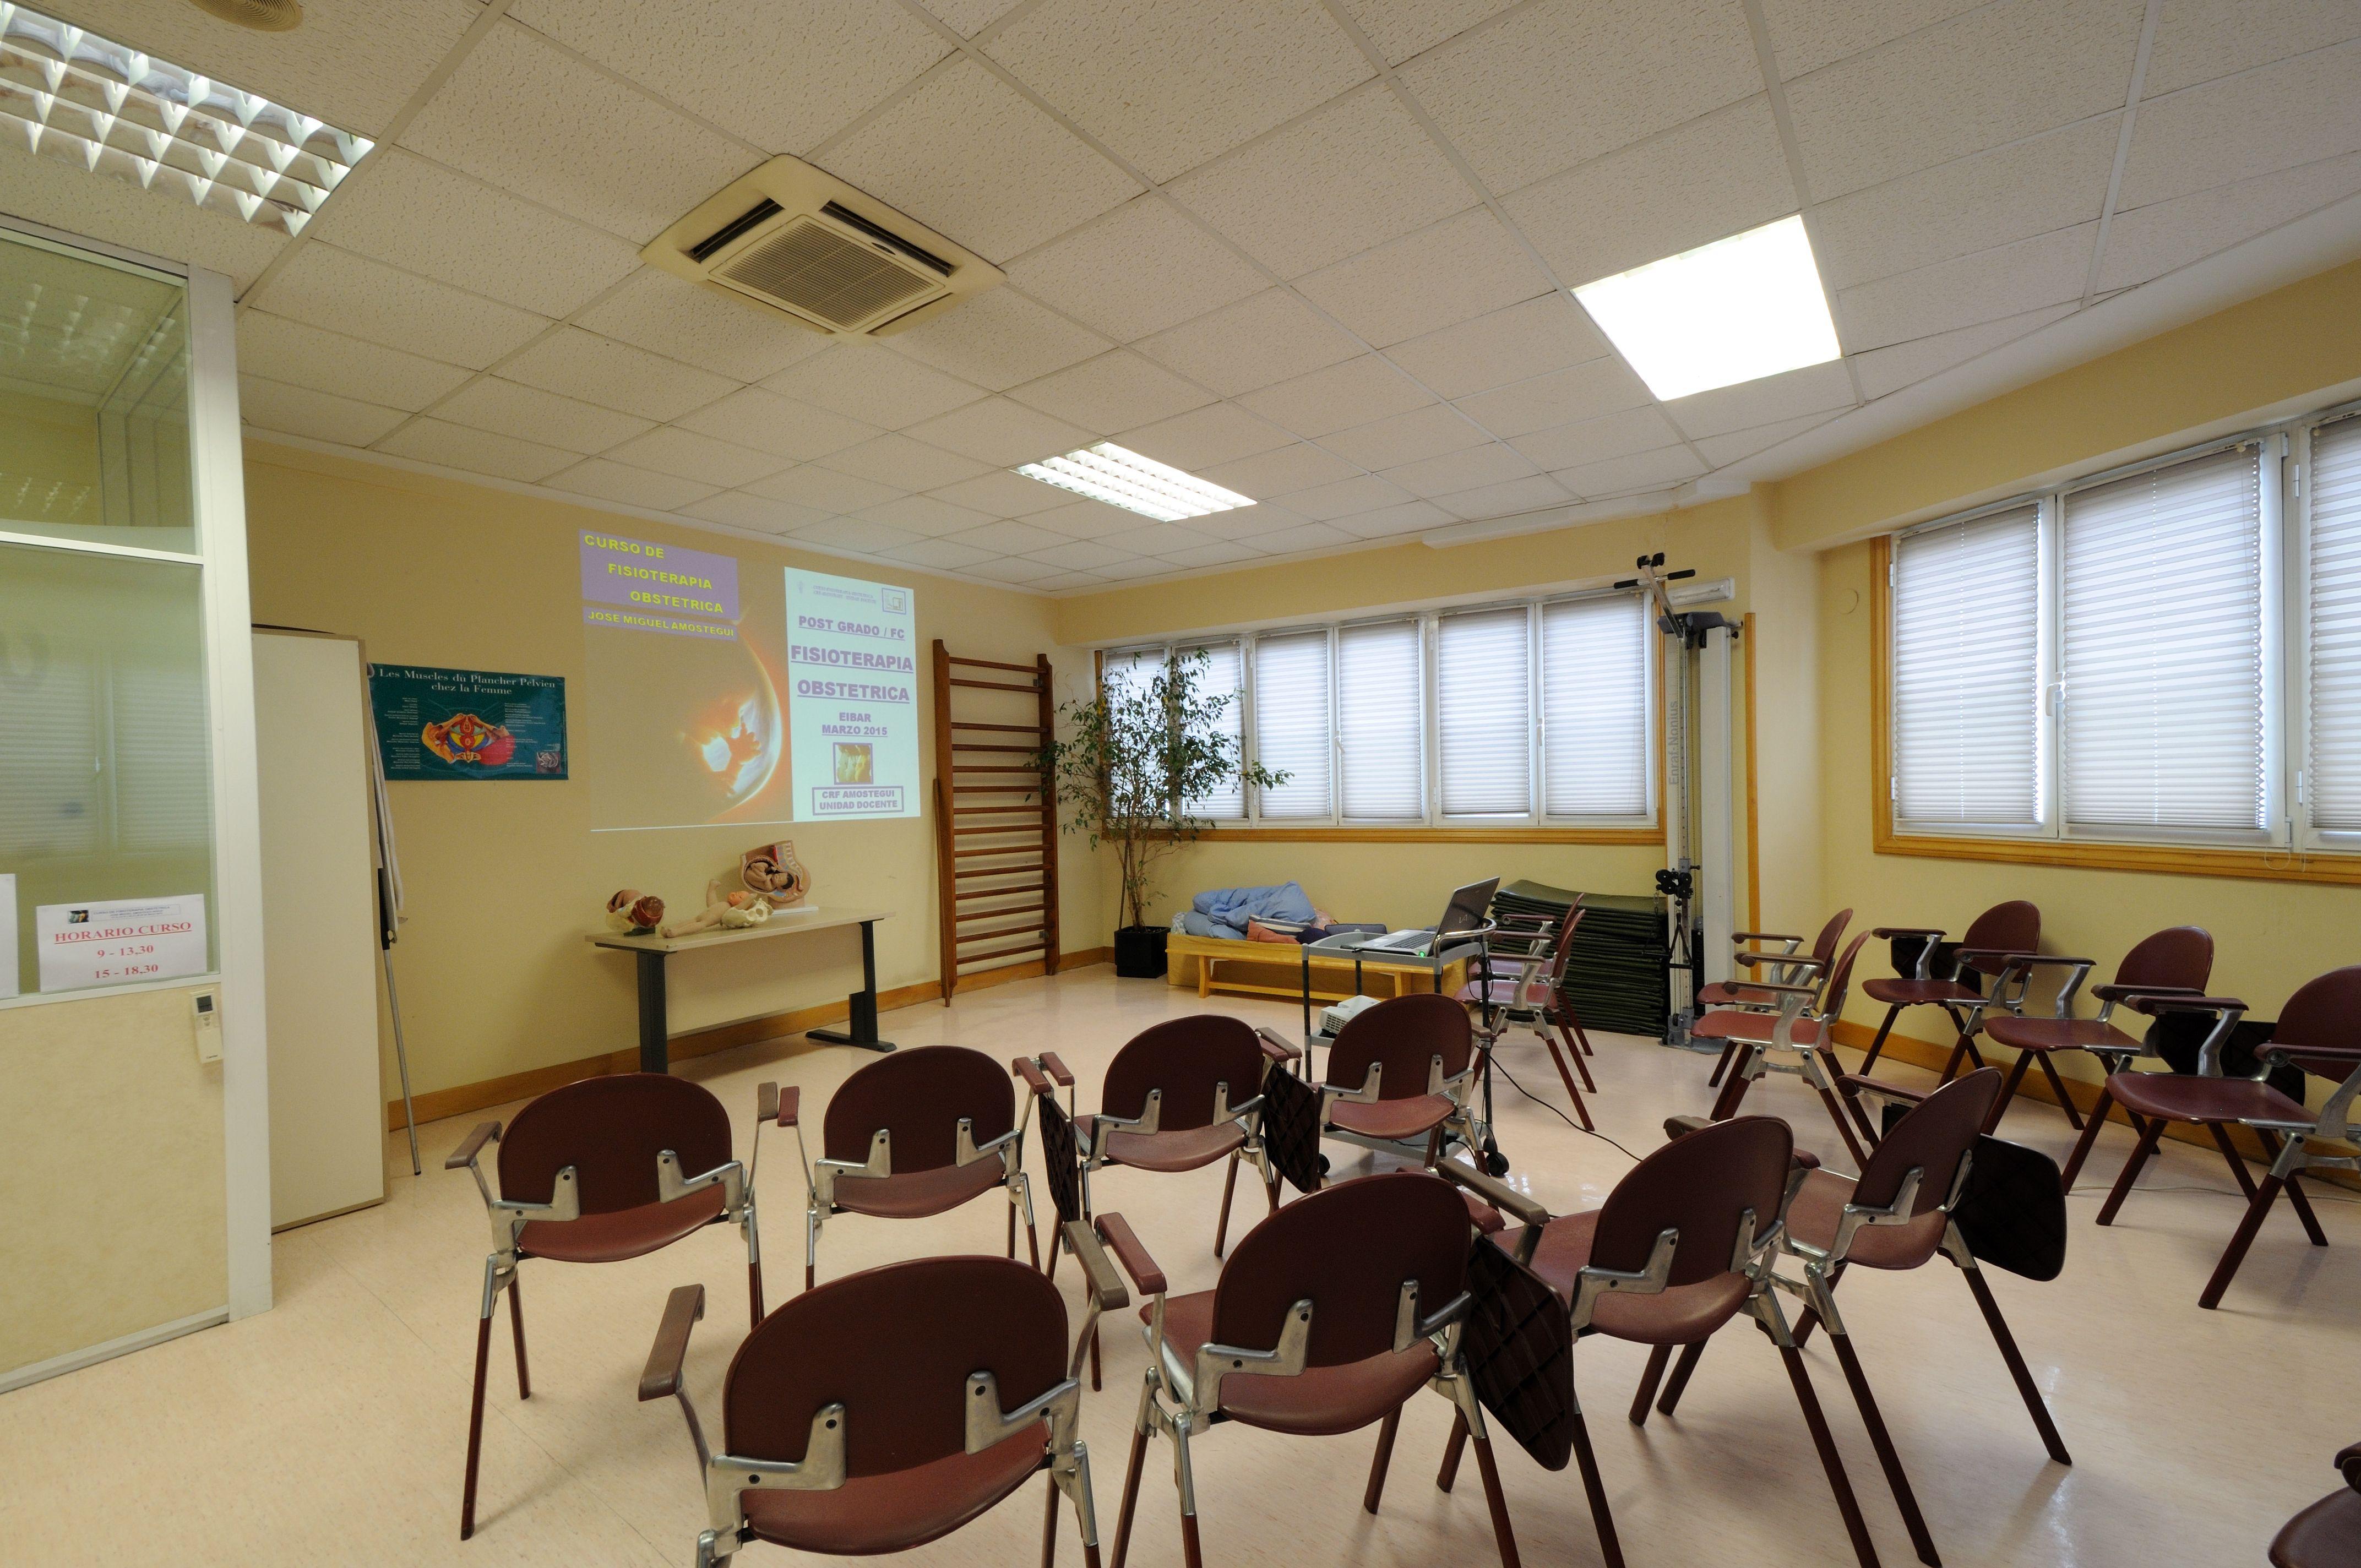 Foto 5 de Fisioterapia en Eibar | Amostegui Rehabilitación